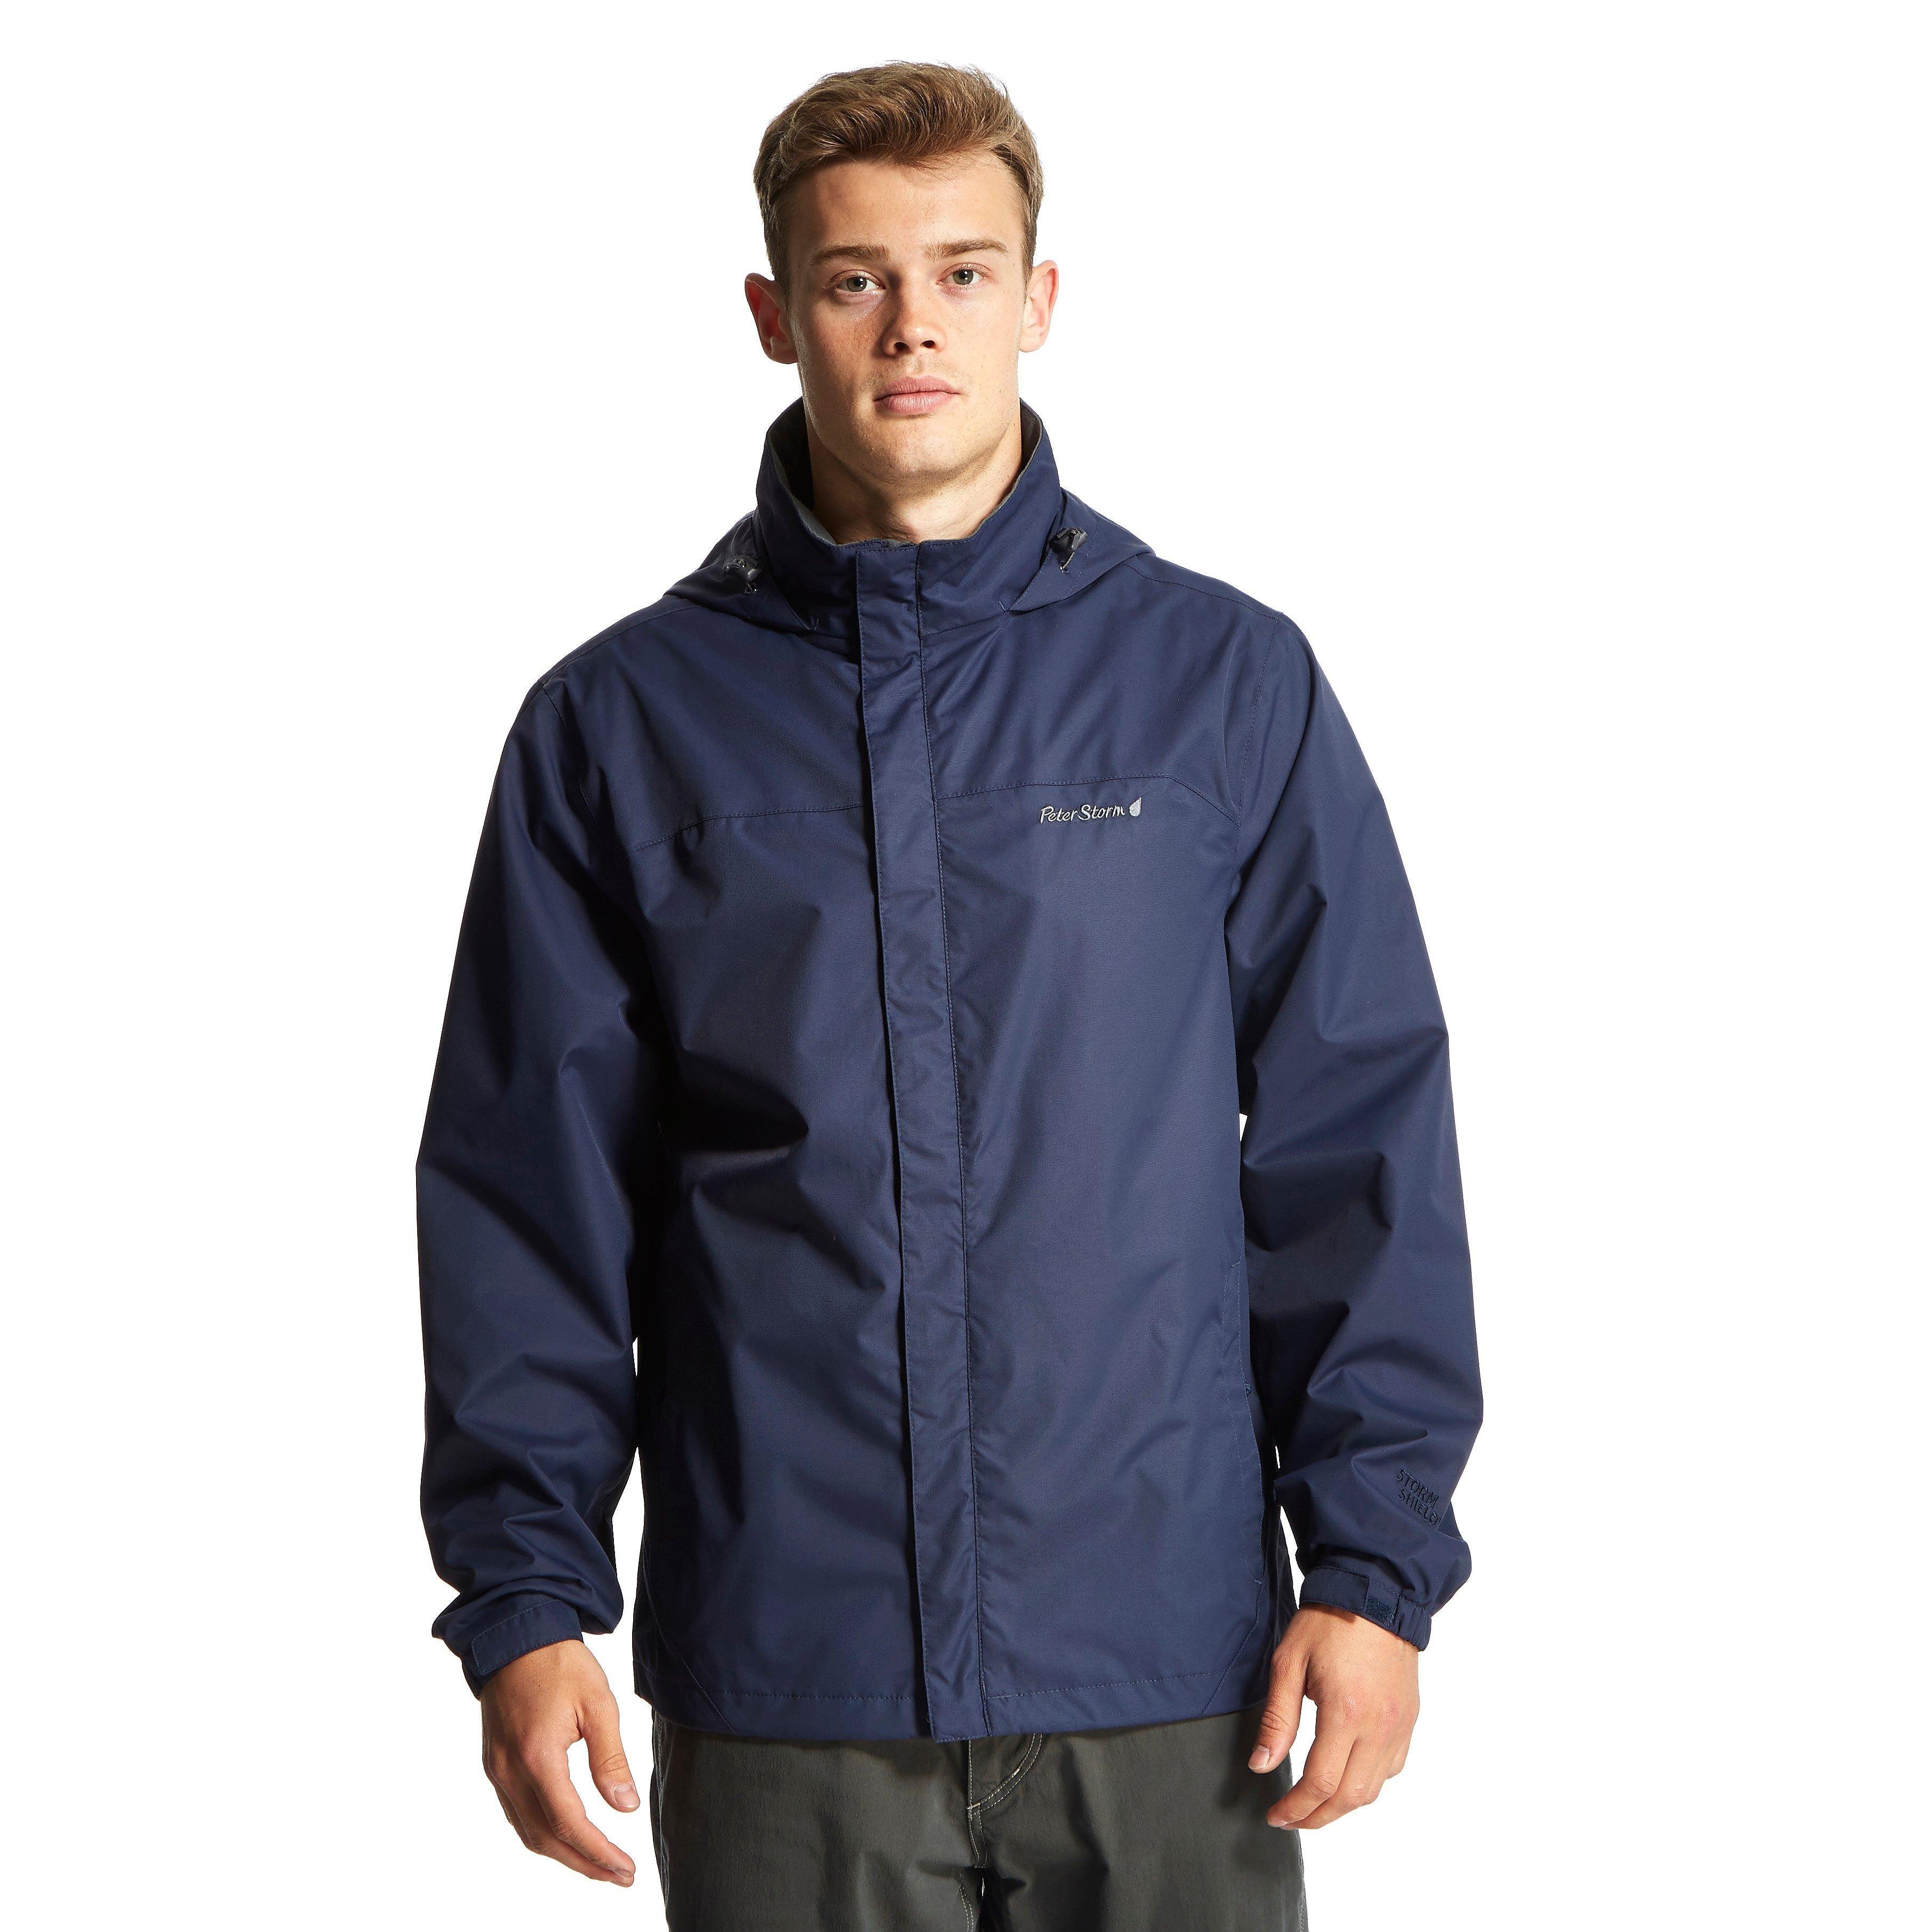 Peter Storm Storm Waterproof Men's Jacket